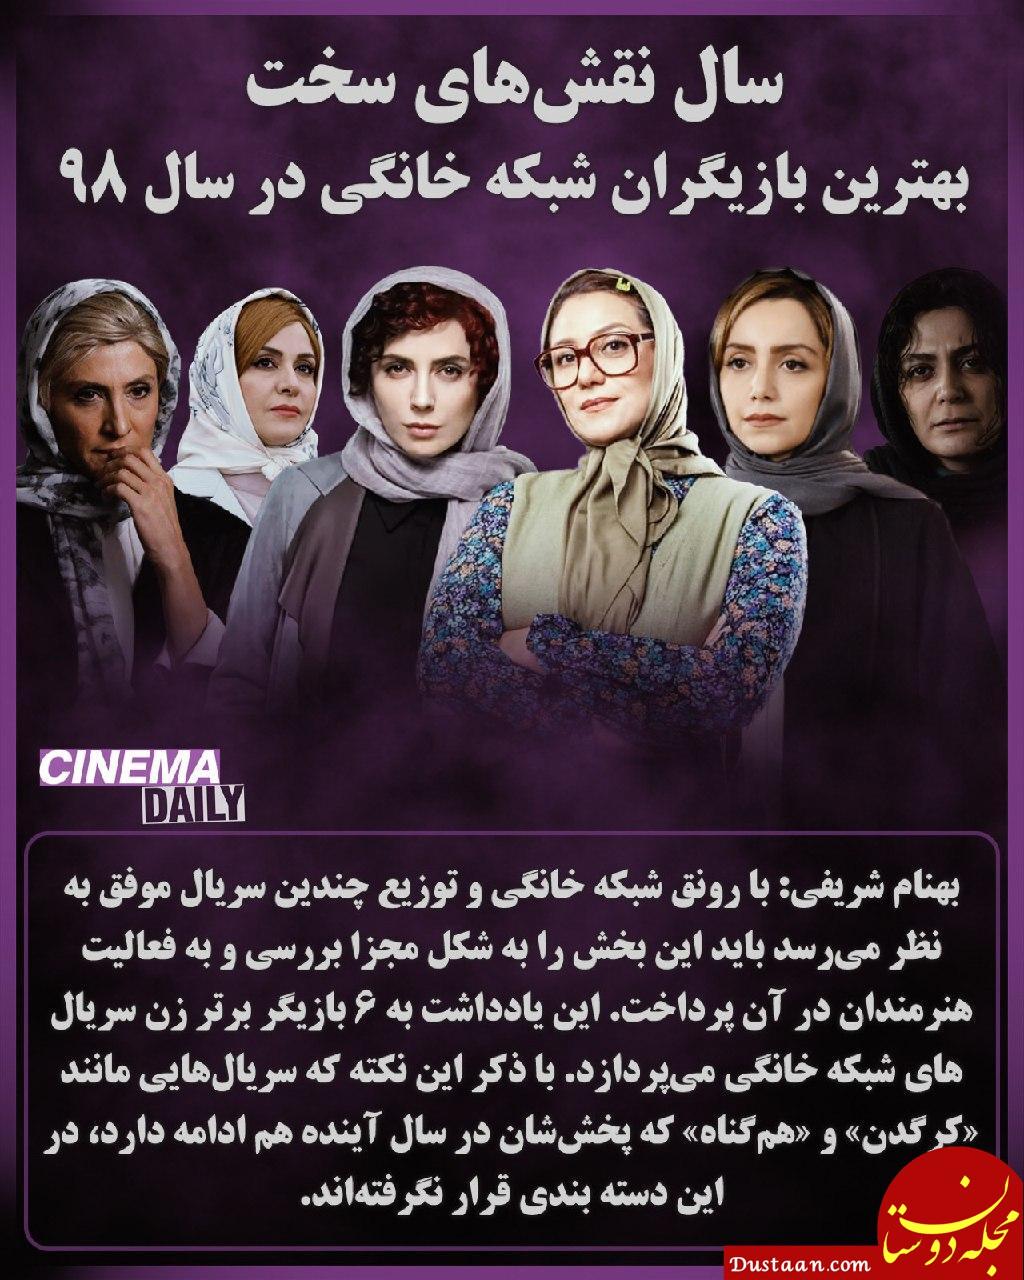 بهترین بازیگران زن شبکه خانگی در سال ۹۸ ؛ سال نقش های سخت